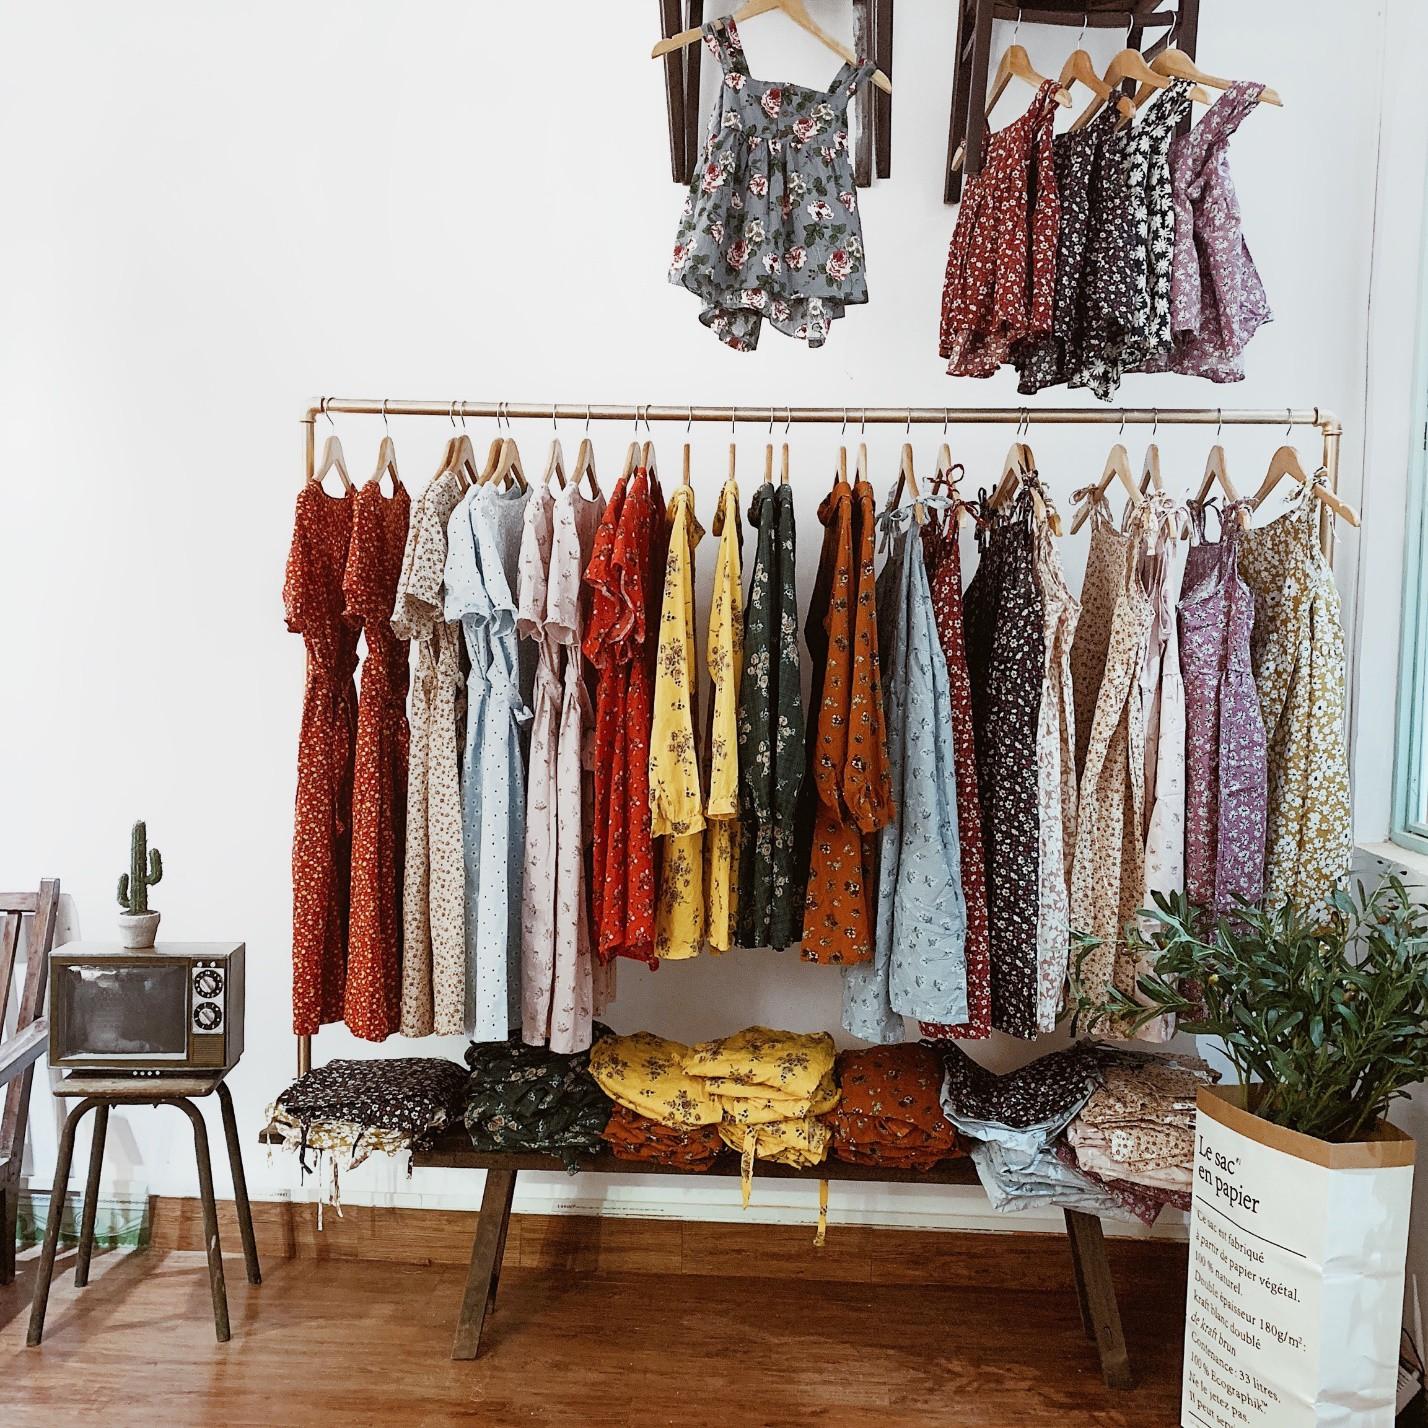 Làhoa: tiệm đồ trong veo mang phong cách vintage, retro - Ảnh 5.